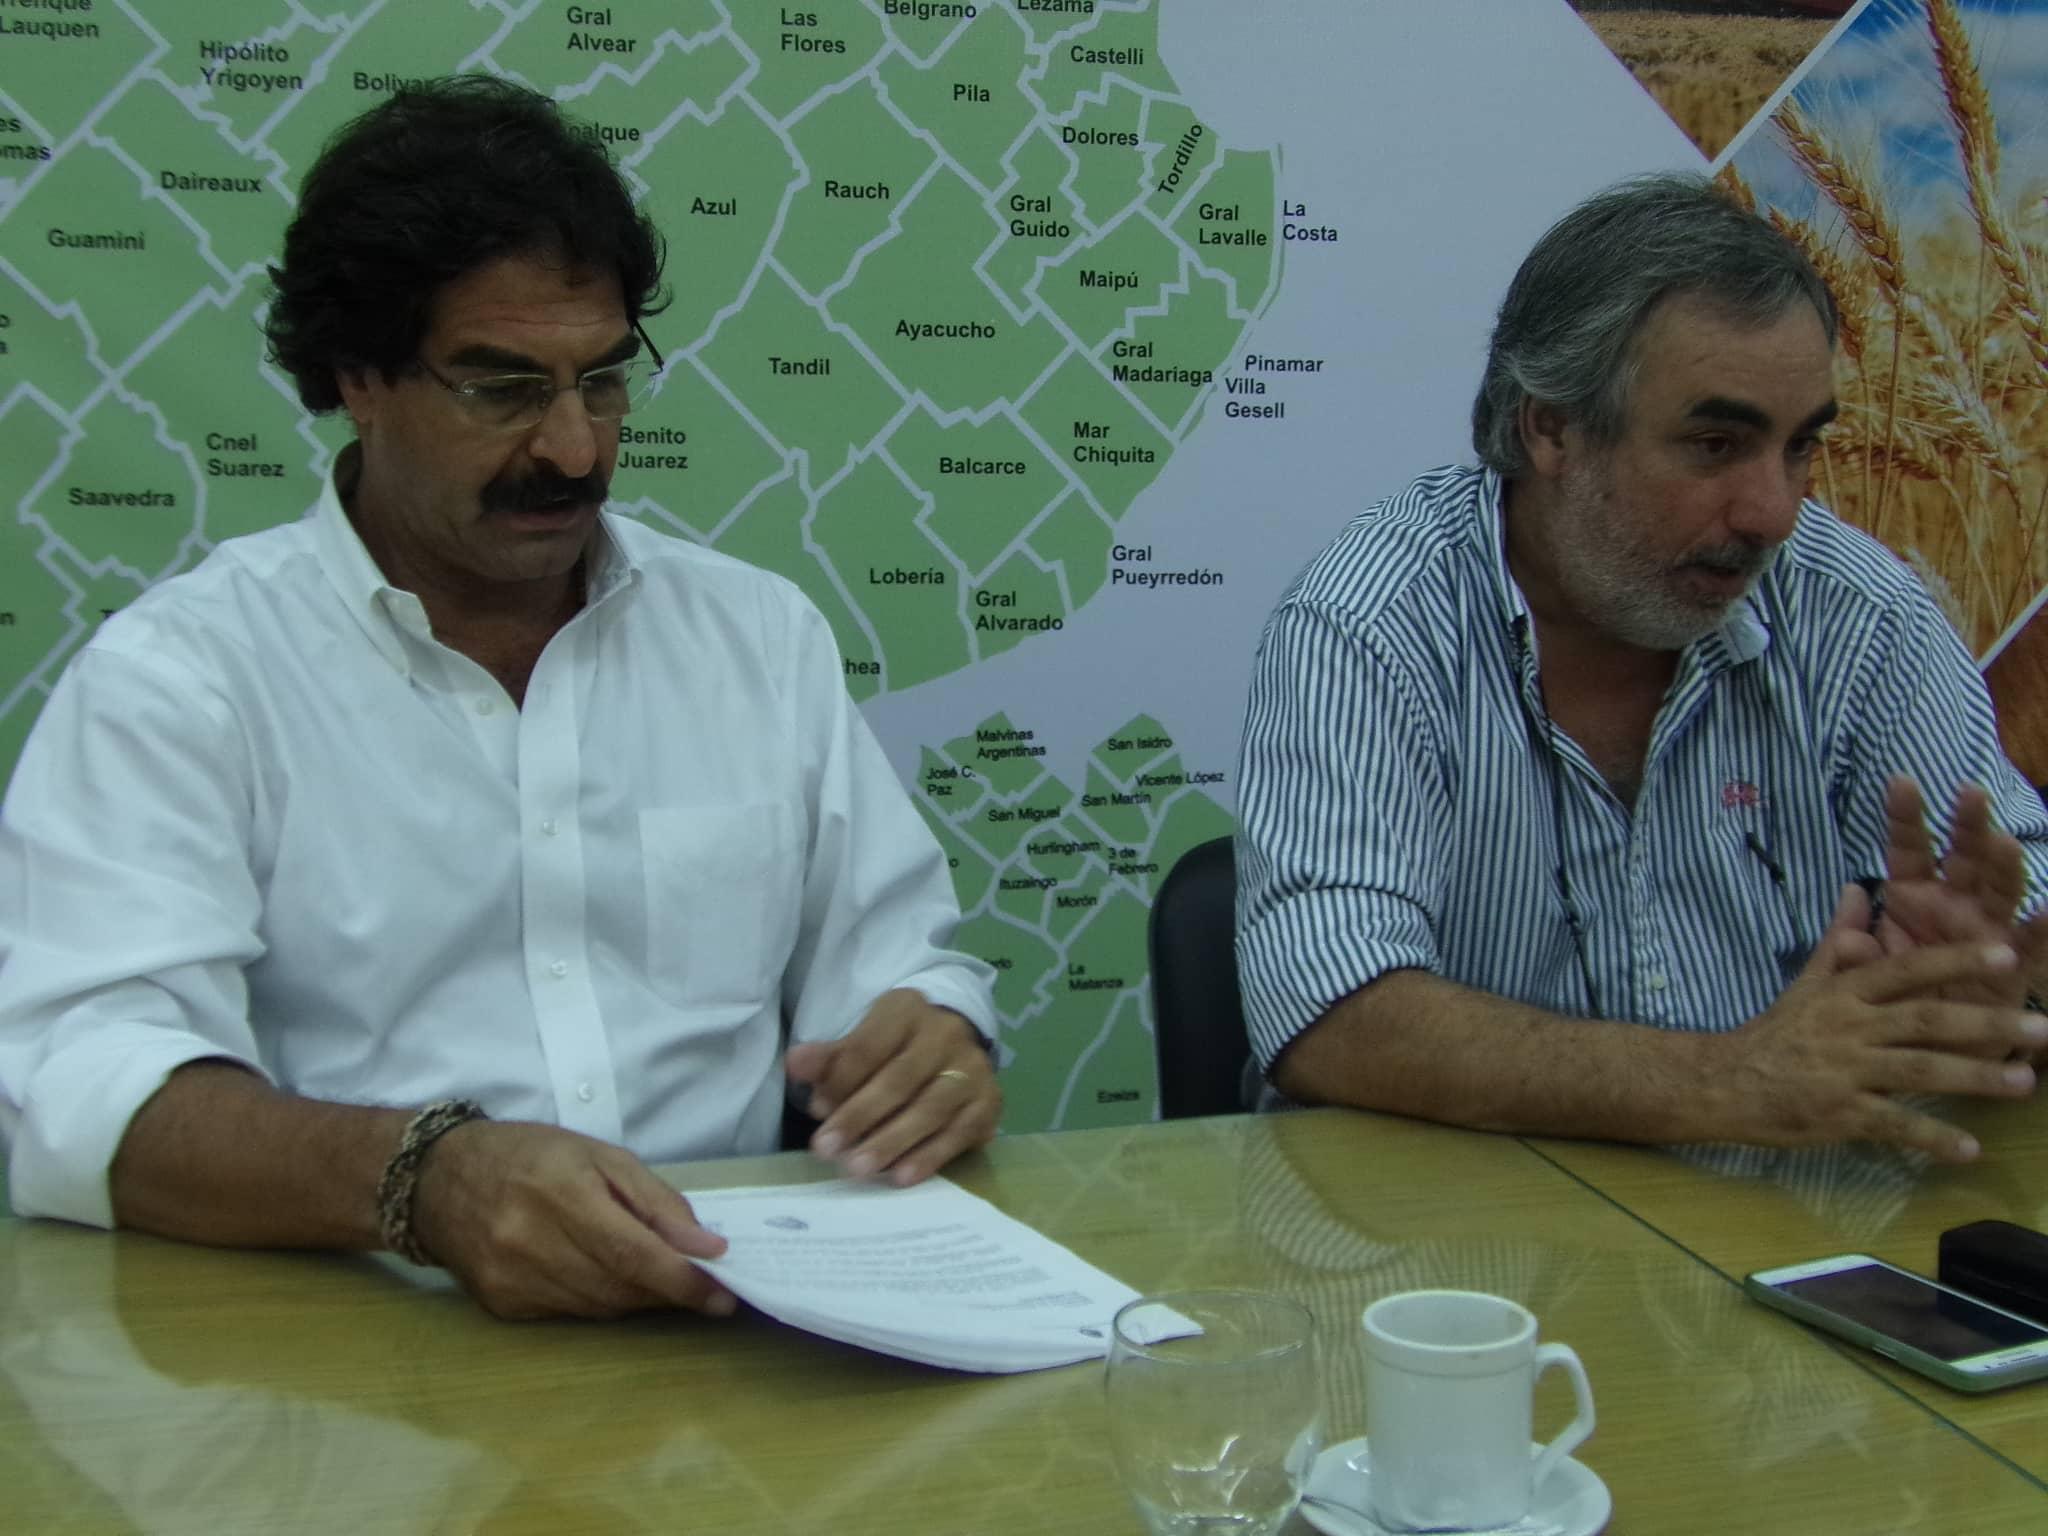 El Ministro de Agroindustria visitará Trenque Lauquen